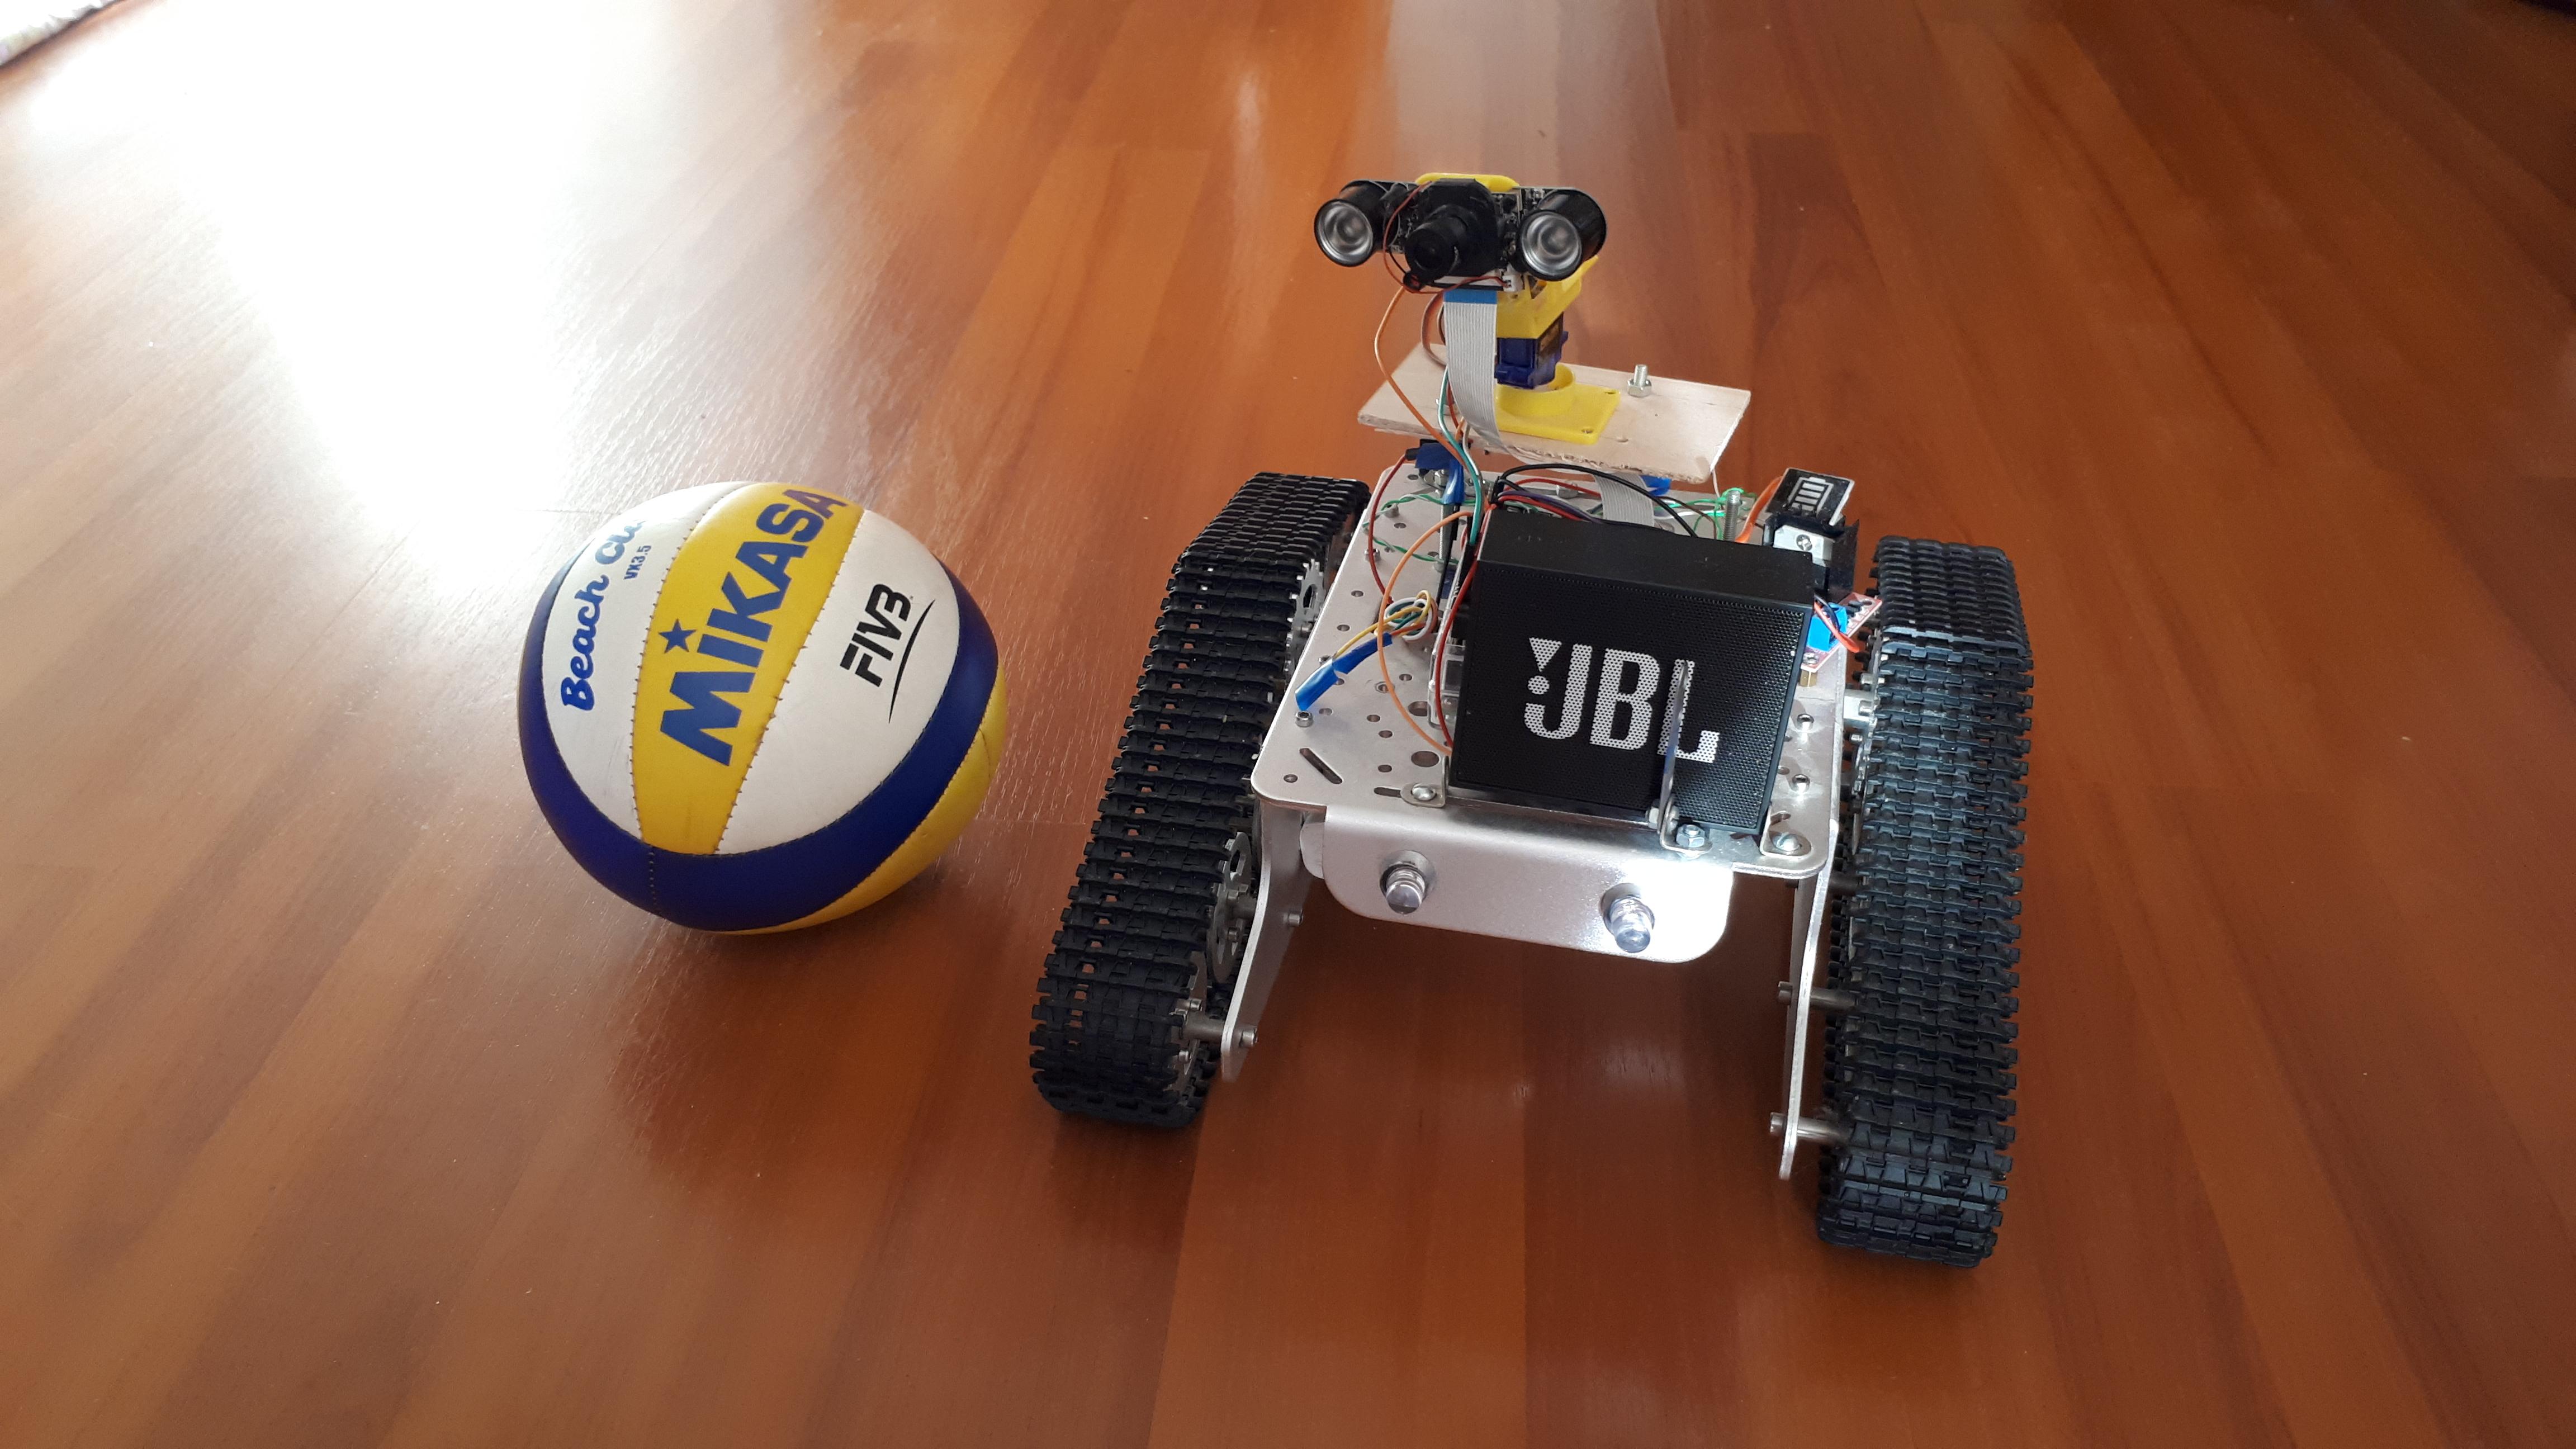 Сделать робота на raspberry pi, обновленный pi-tank. Часть 2. Софт